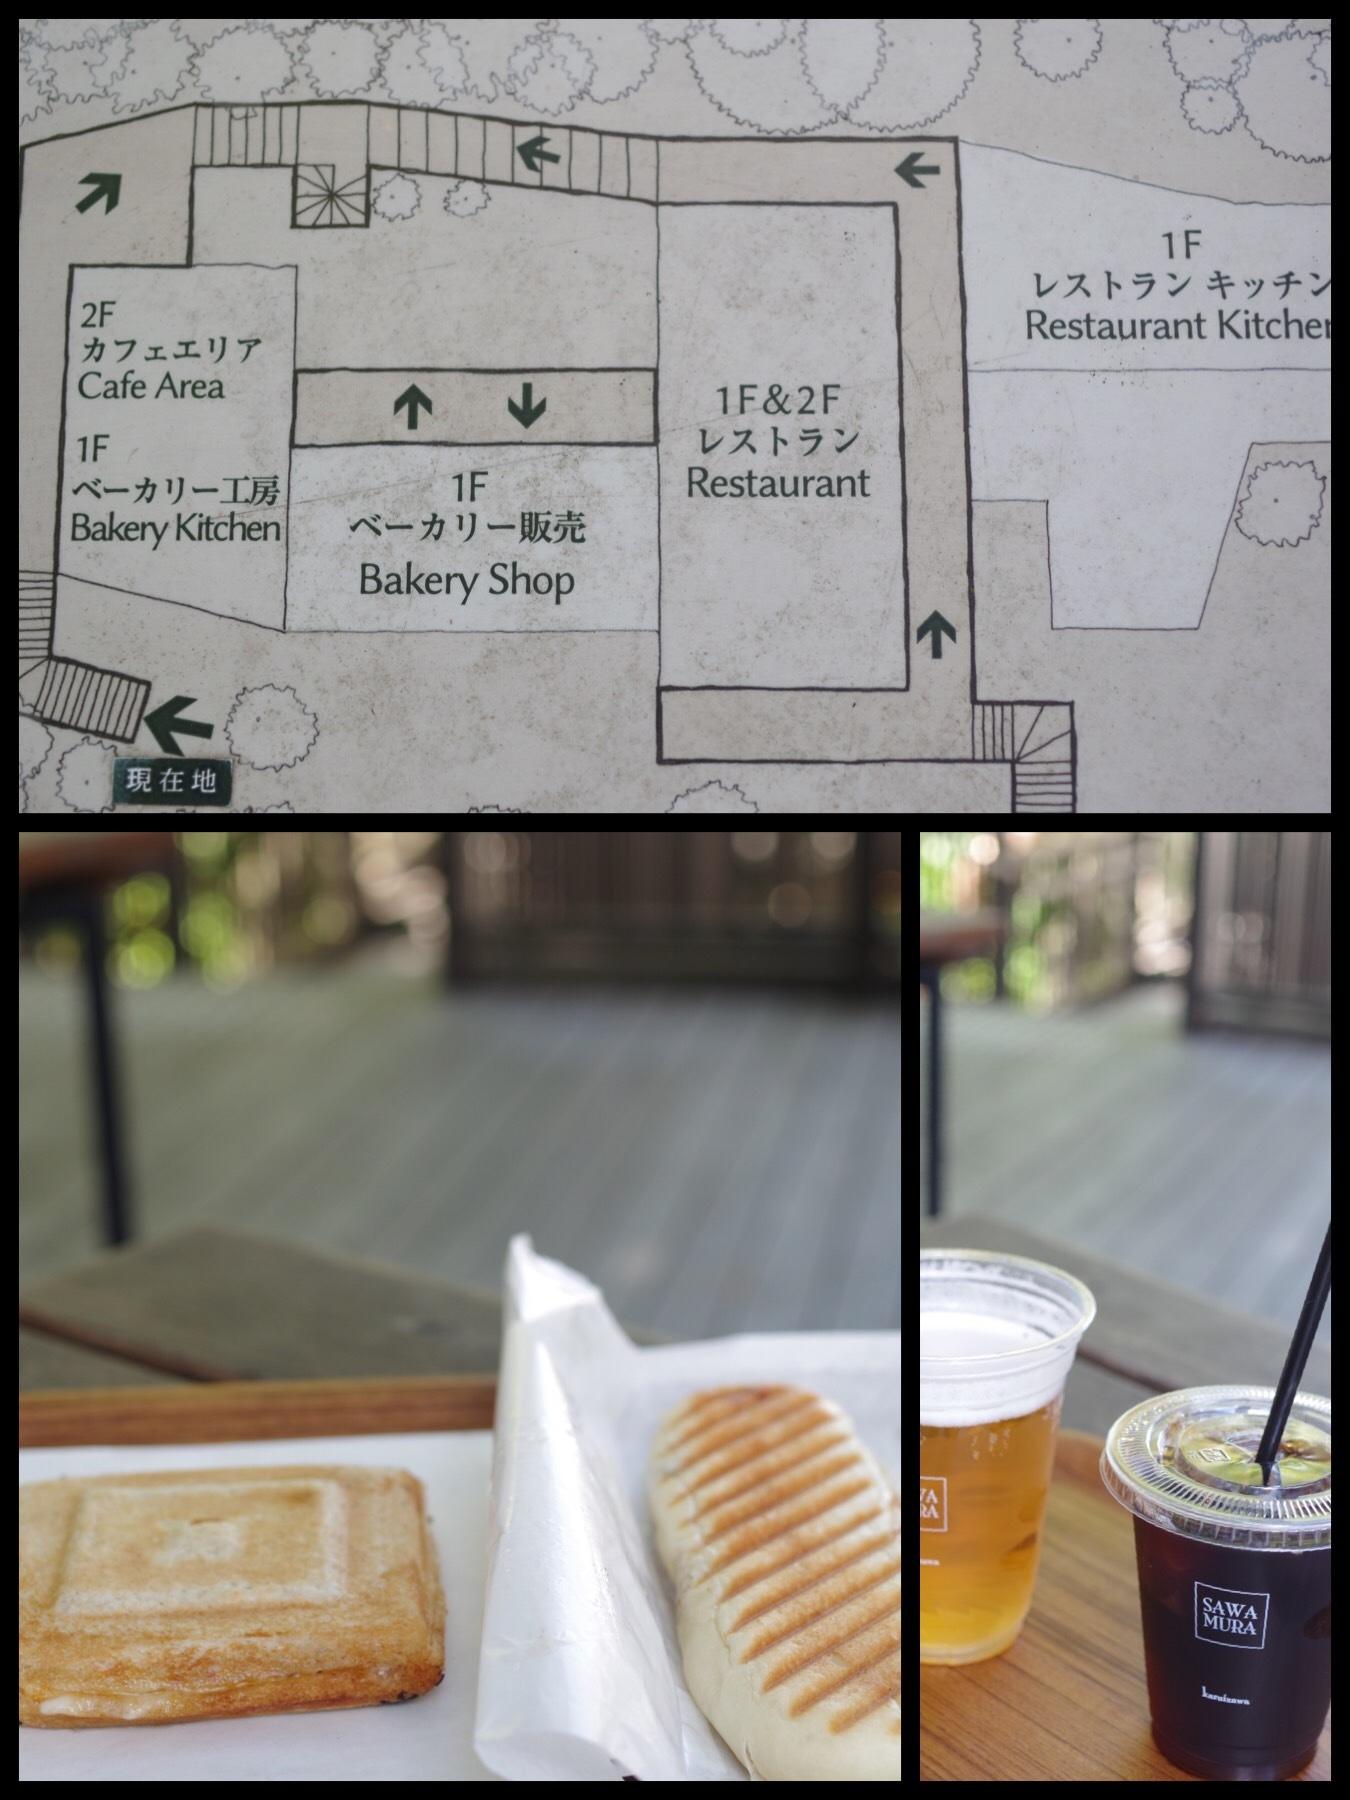 ベーカリー&レストラン沢村旧軽井沢店